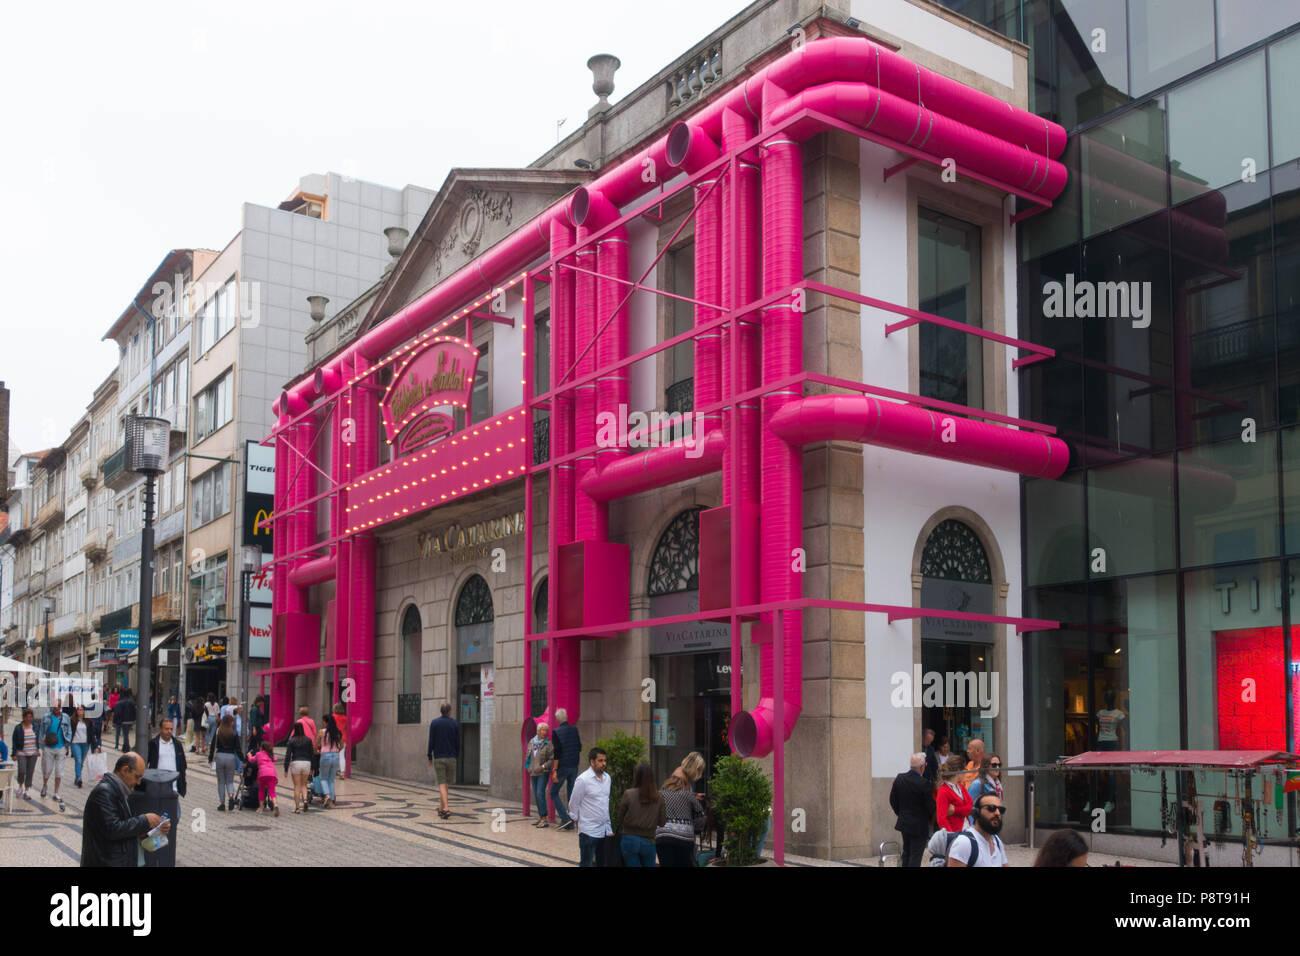 Via Catarina Shopping Arcade in Oporto, Portugal - Stock Image